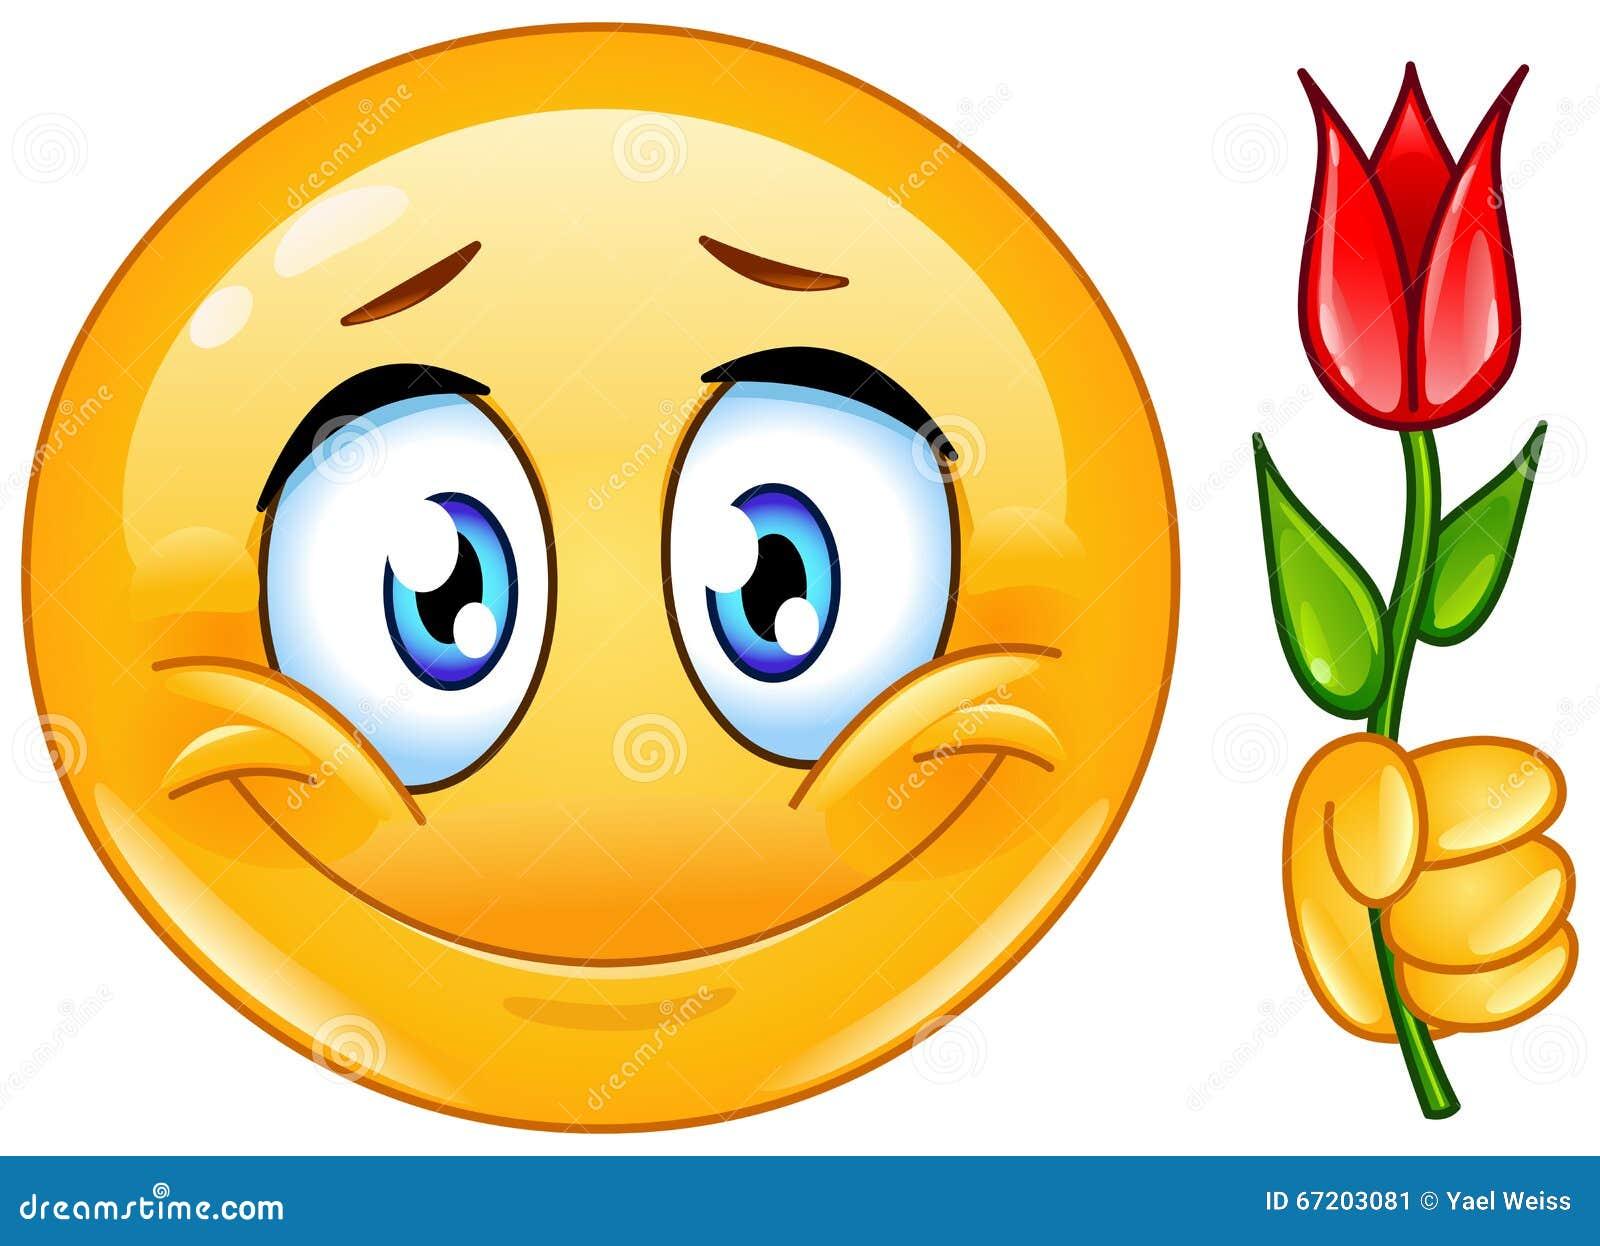 how to make flower emoji on facebook